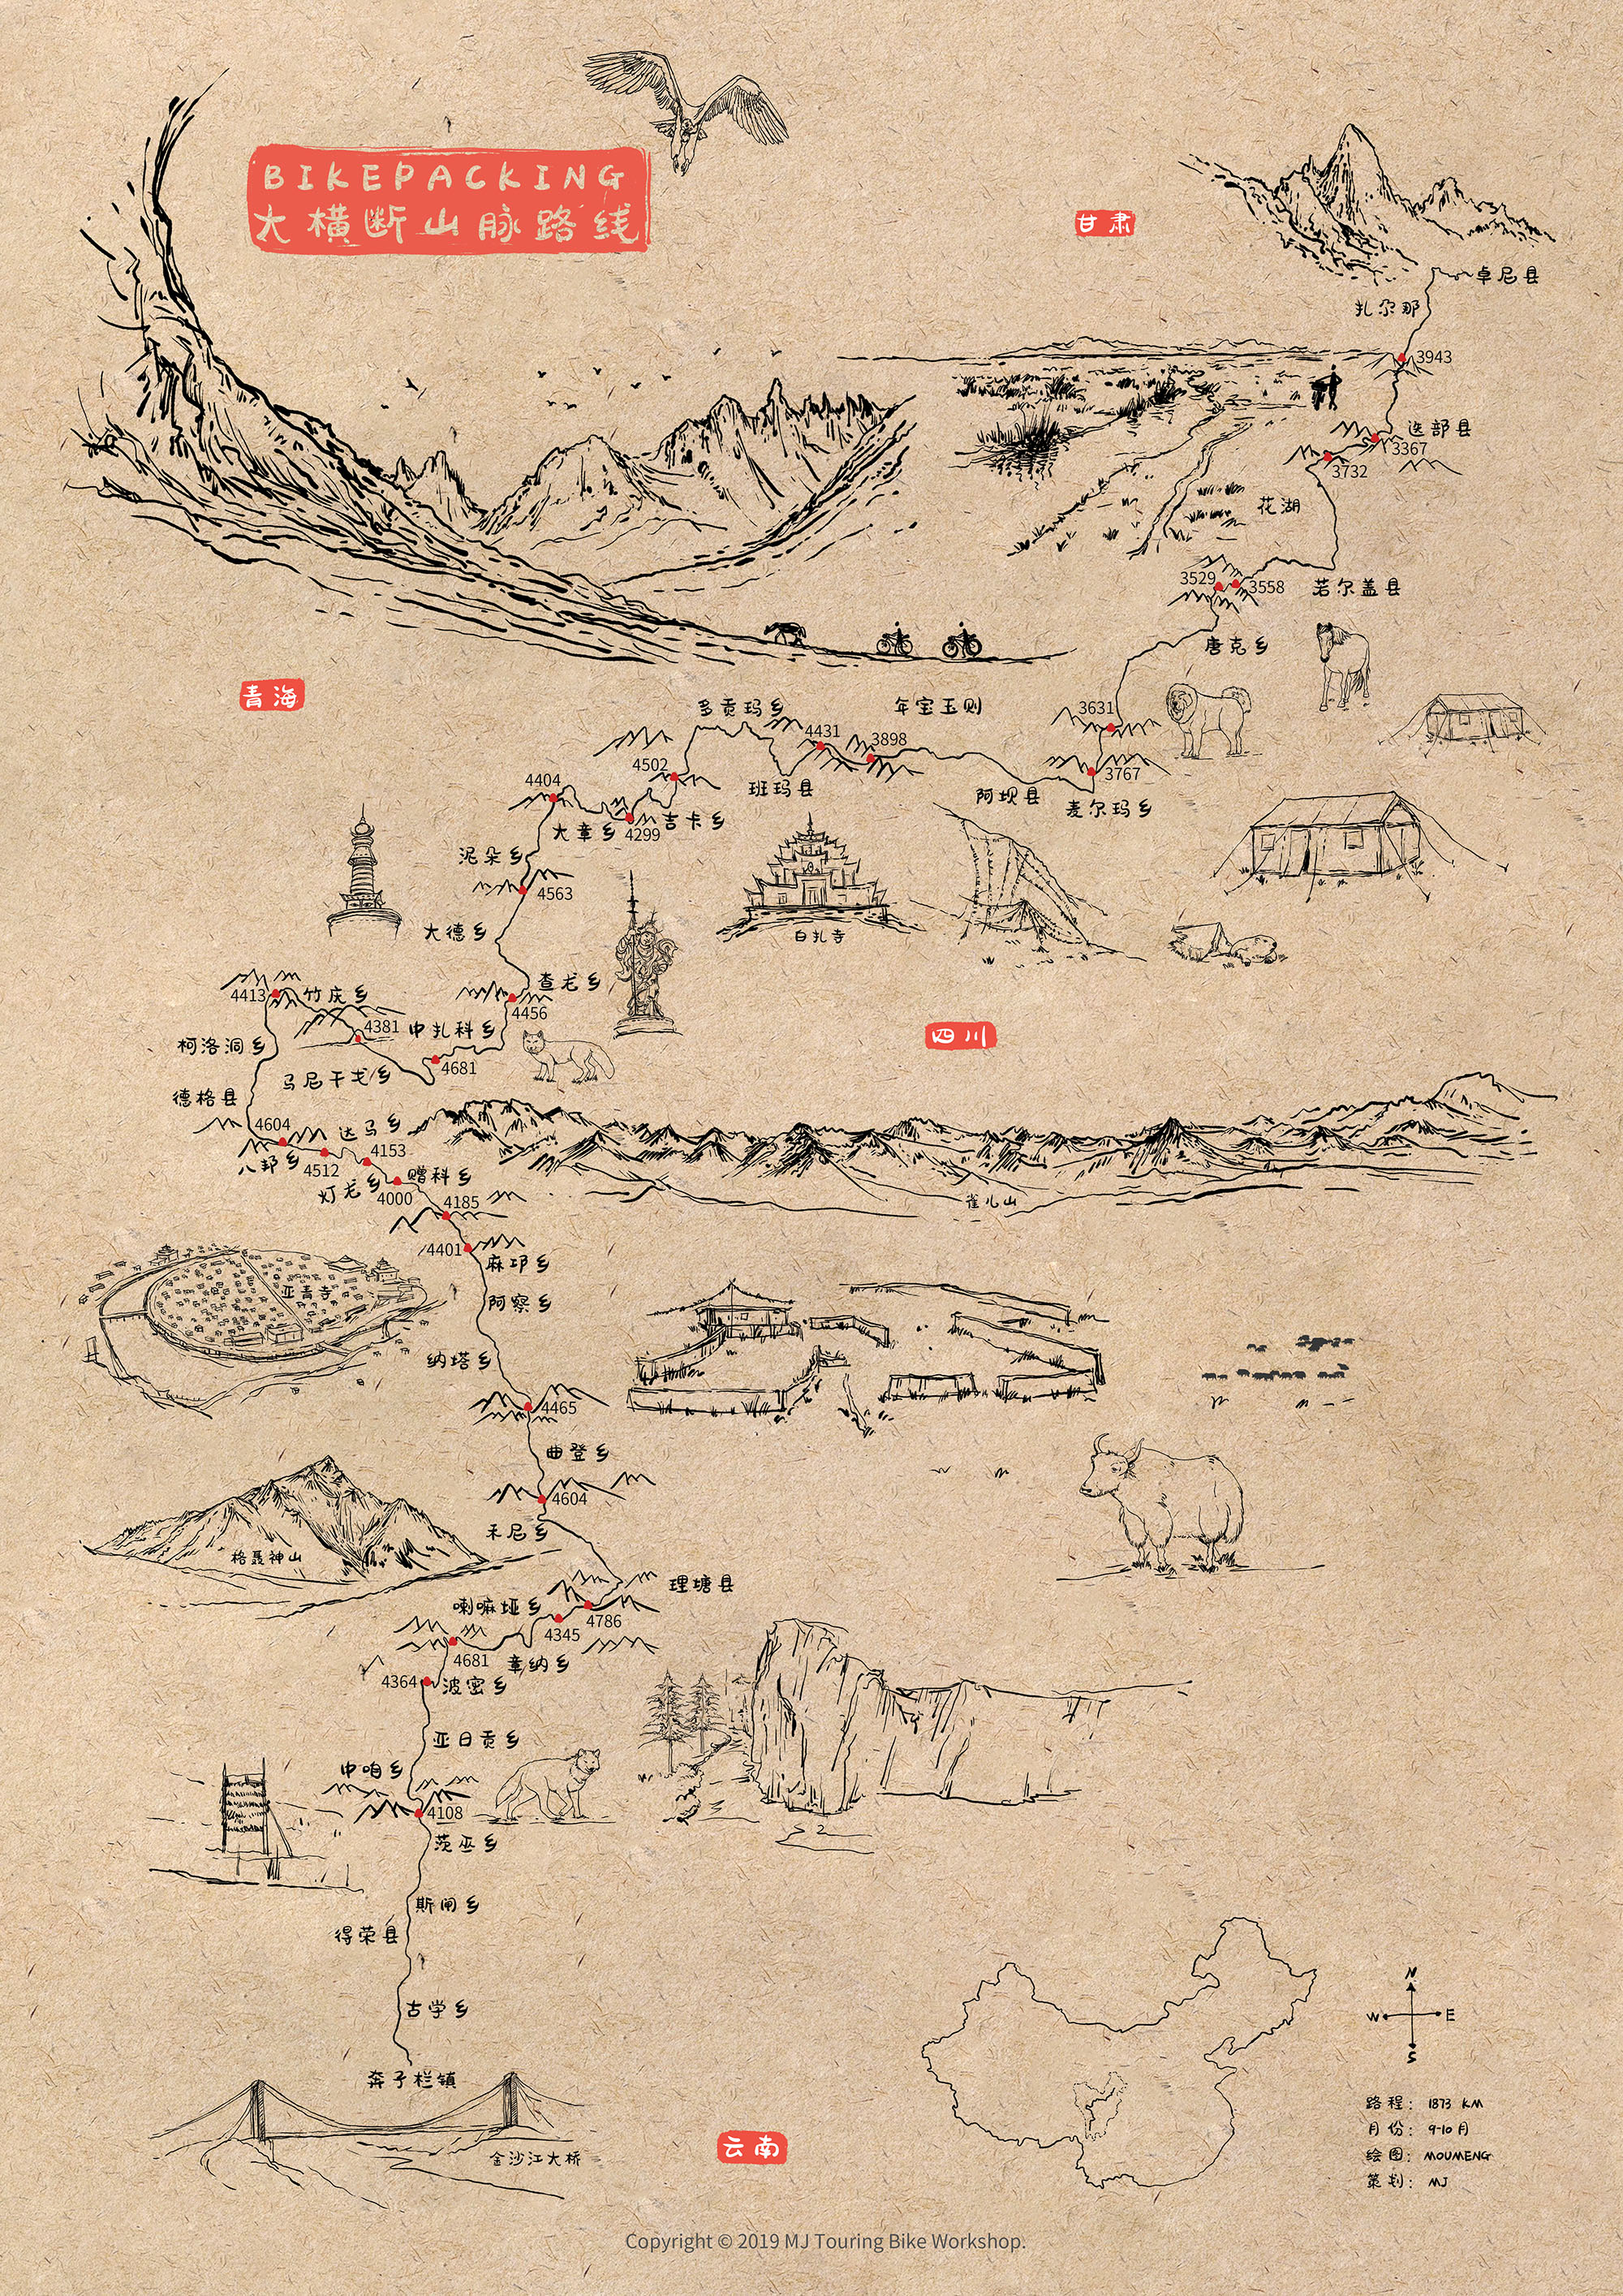 粗略手绘地图